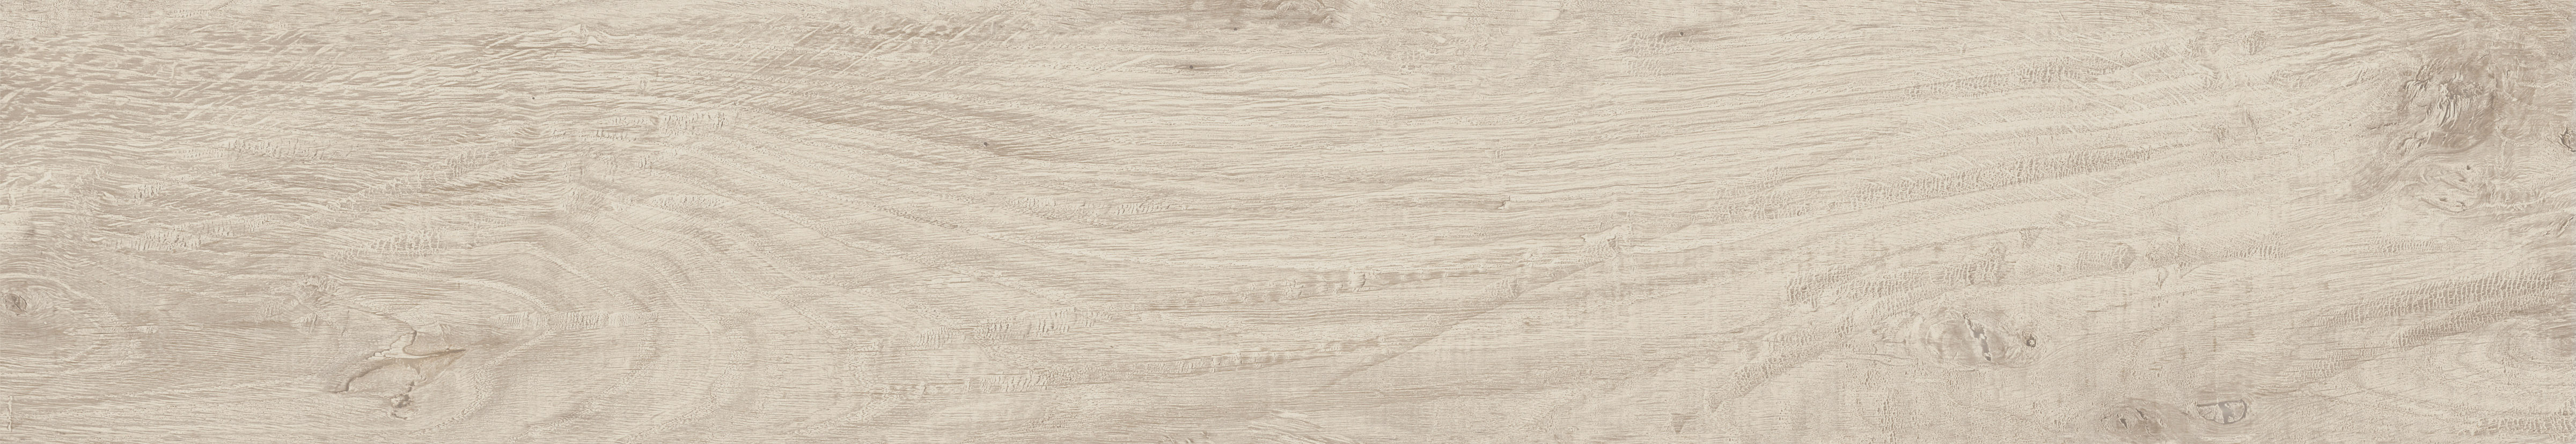 Плитка Allwood Bianco (zzxwu1r) изображение 8